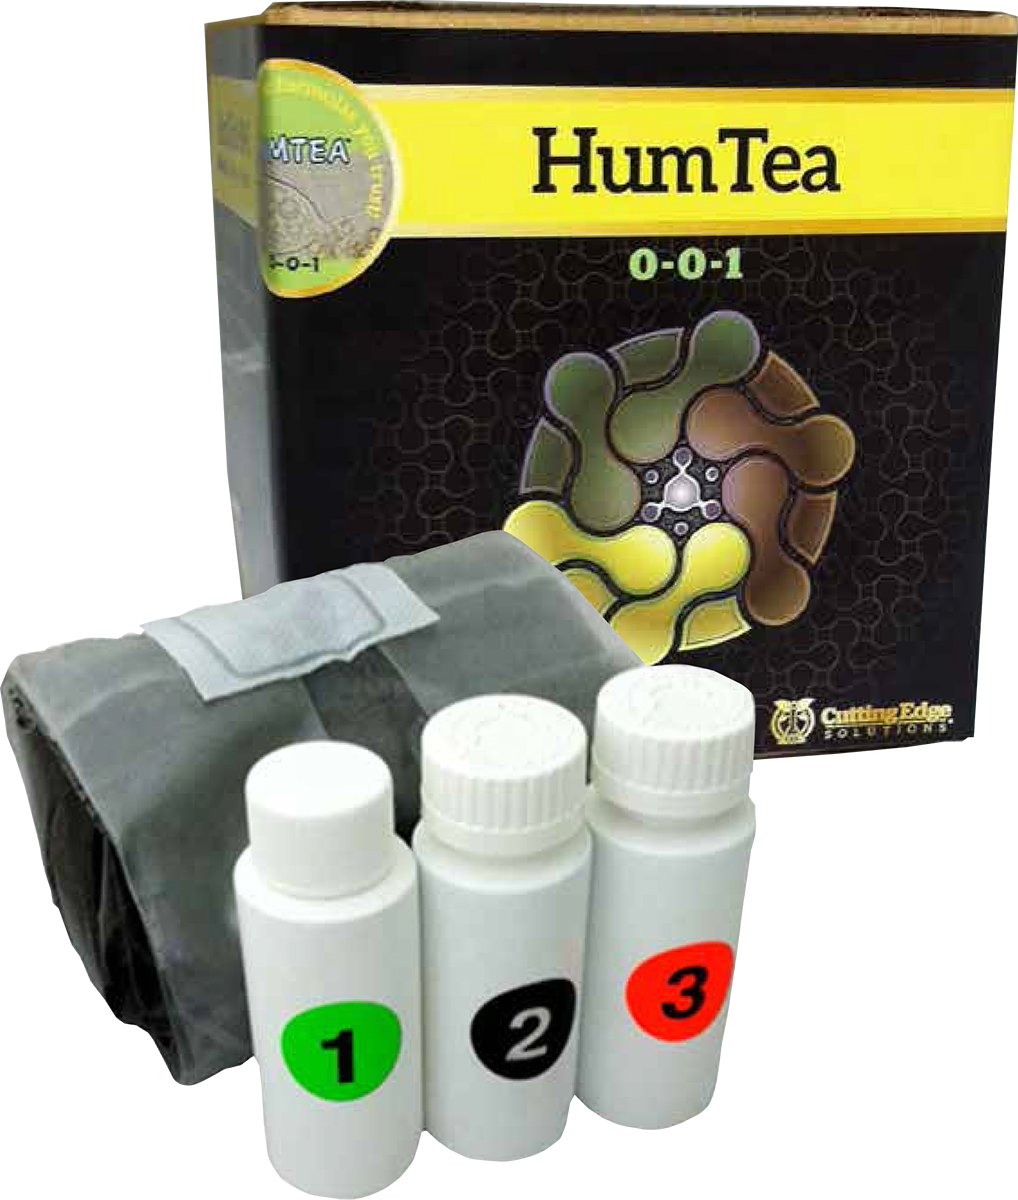 HumTea 5 Gal Brew Kit